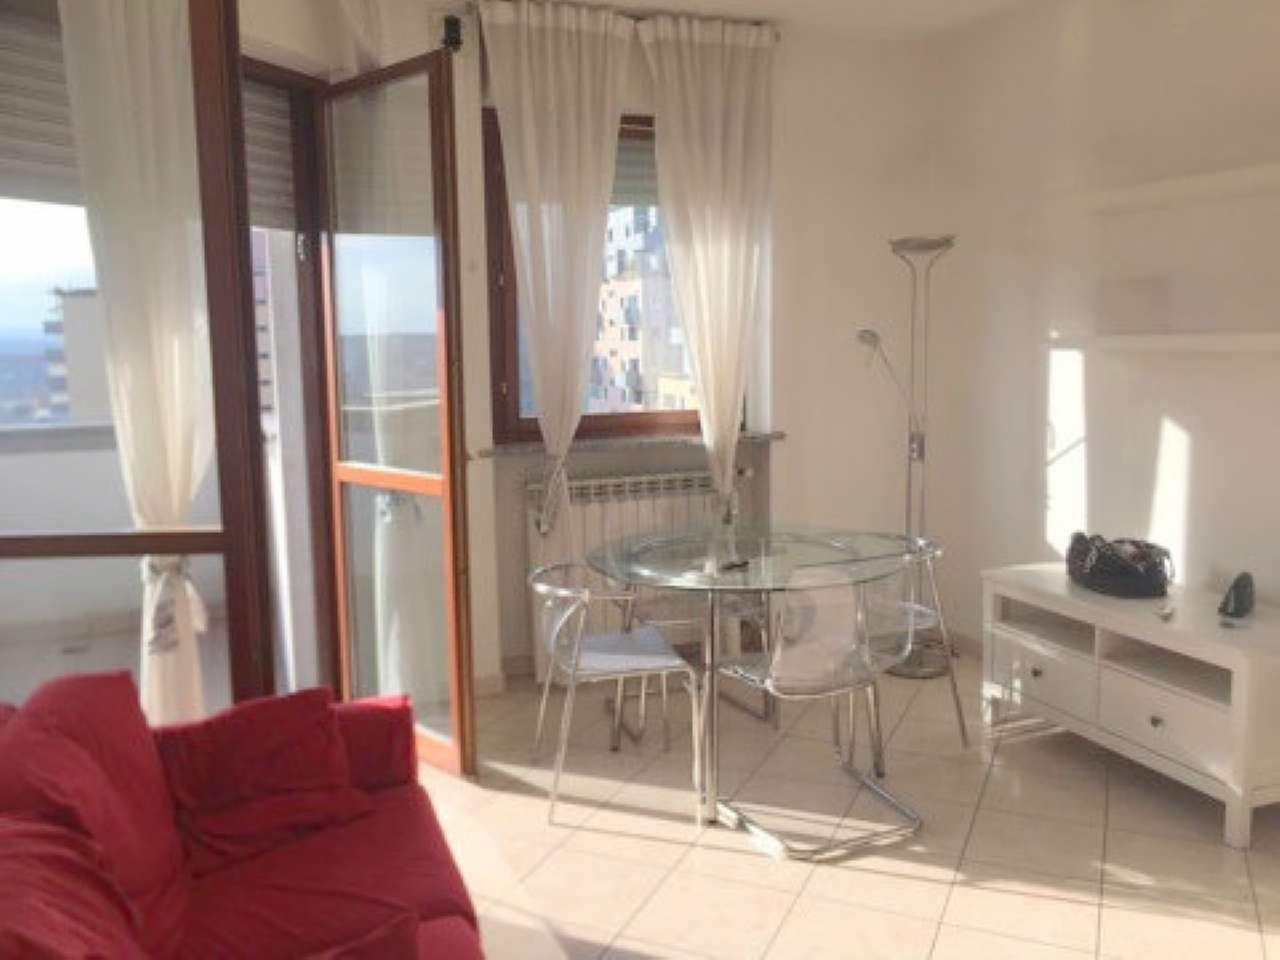 Attico / Mansarda in affitto a Torino, 3 locali, zona Zona: 13 . Borgo Vittoria, Madonna di Campagna, Barriera di Lanzo, prezzo € 680 | Cambio Casa.it